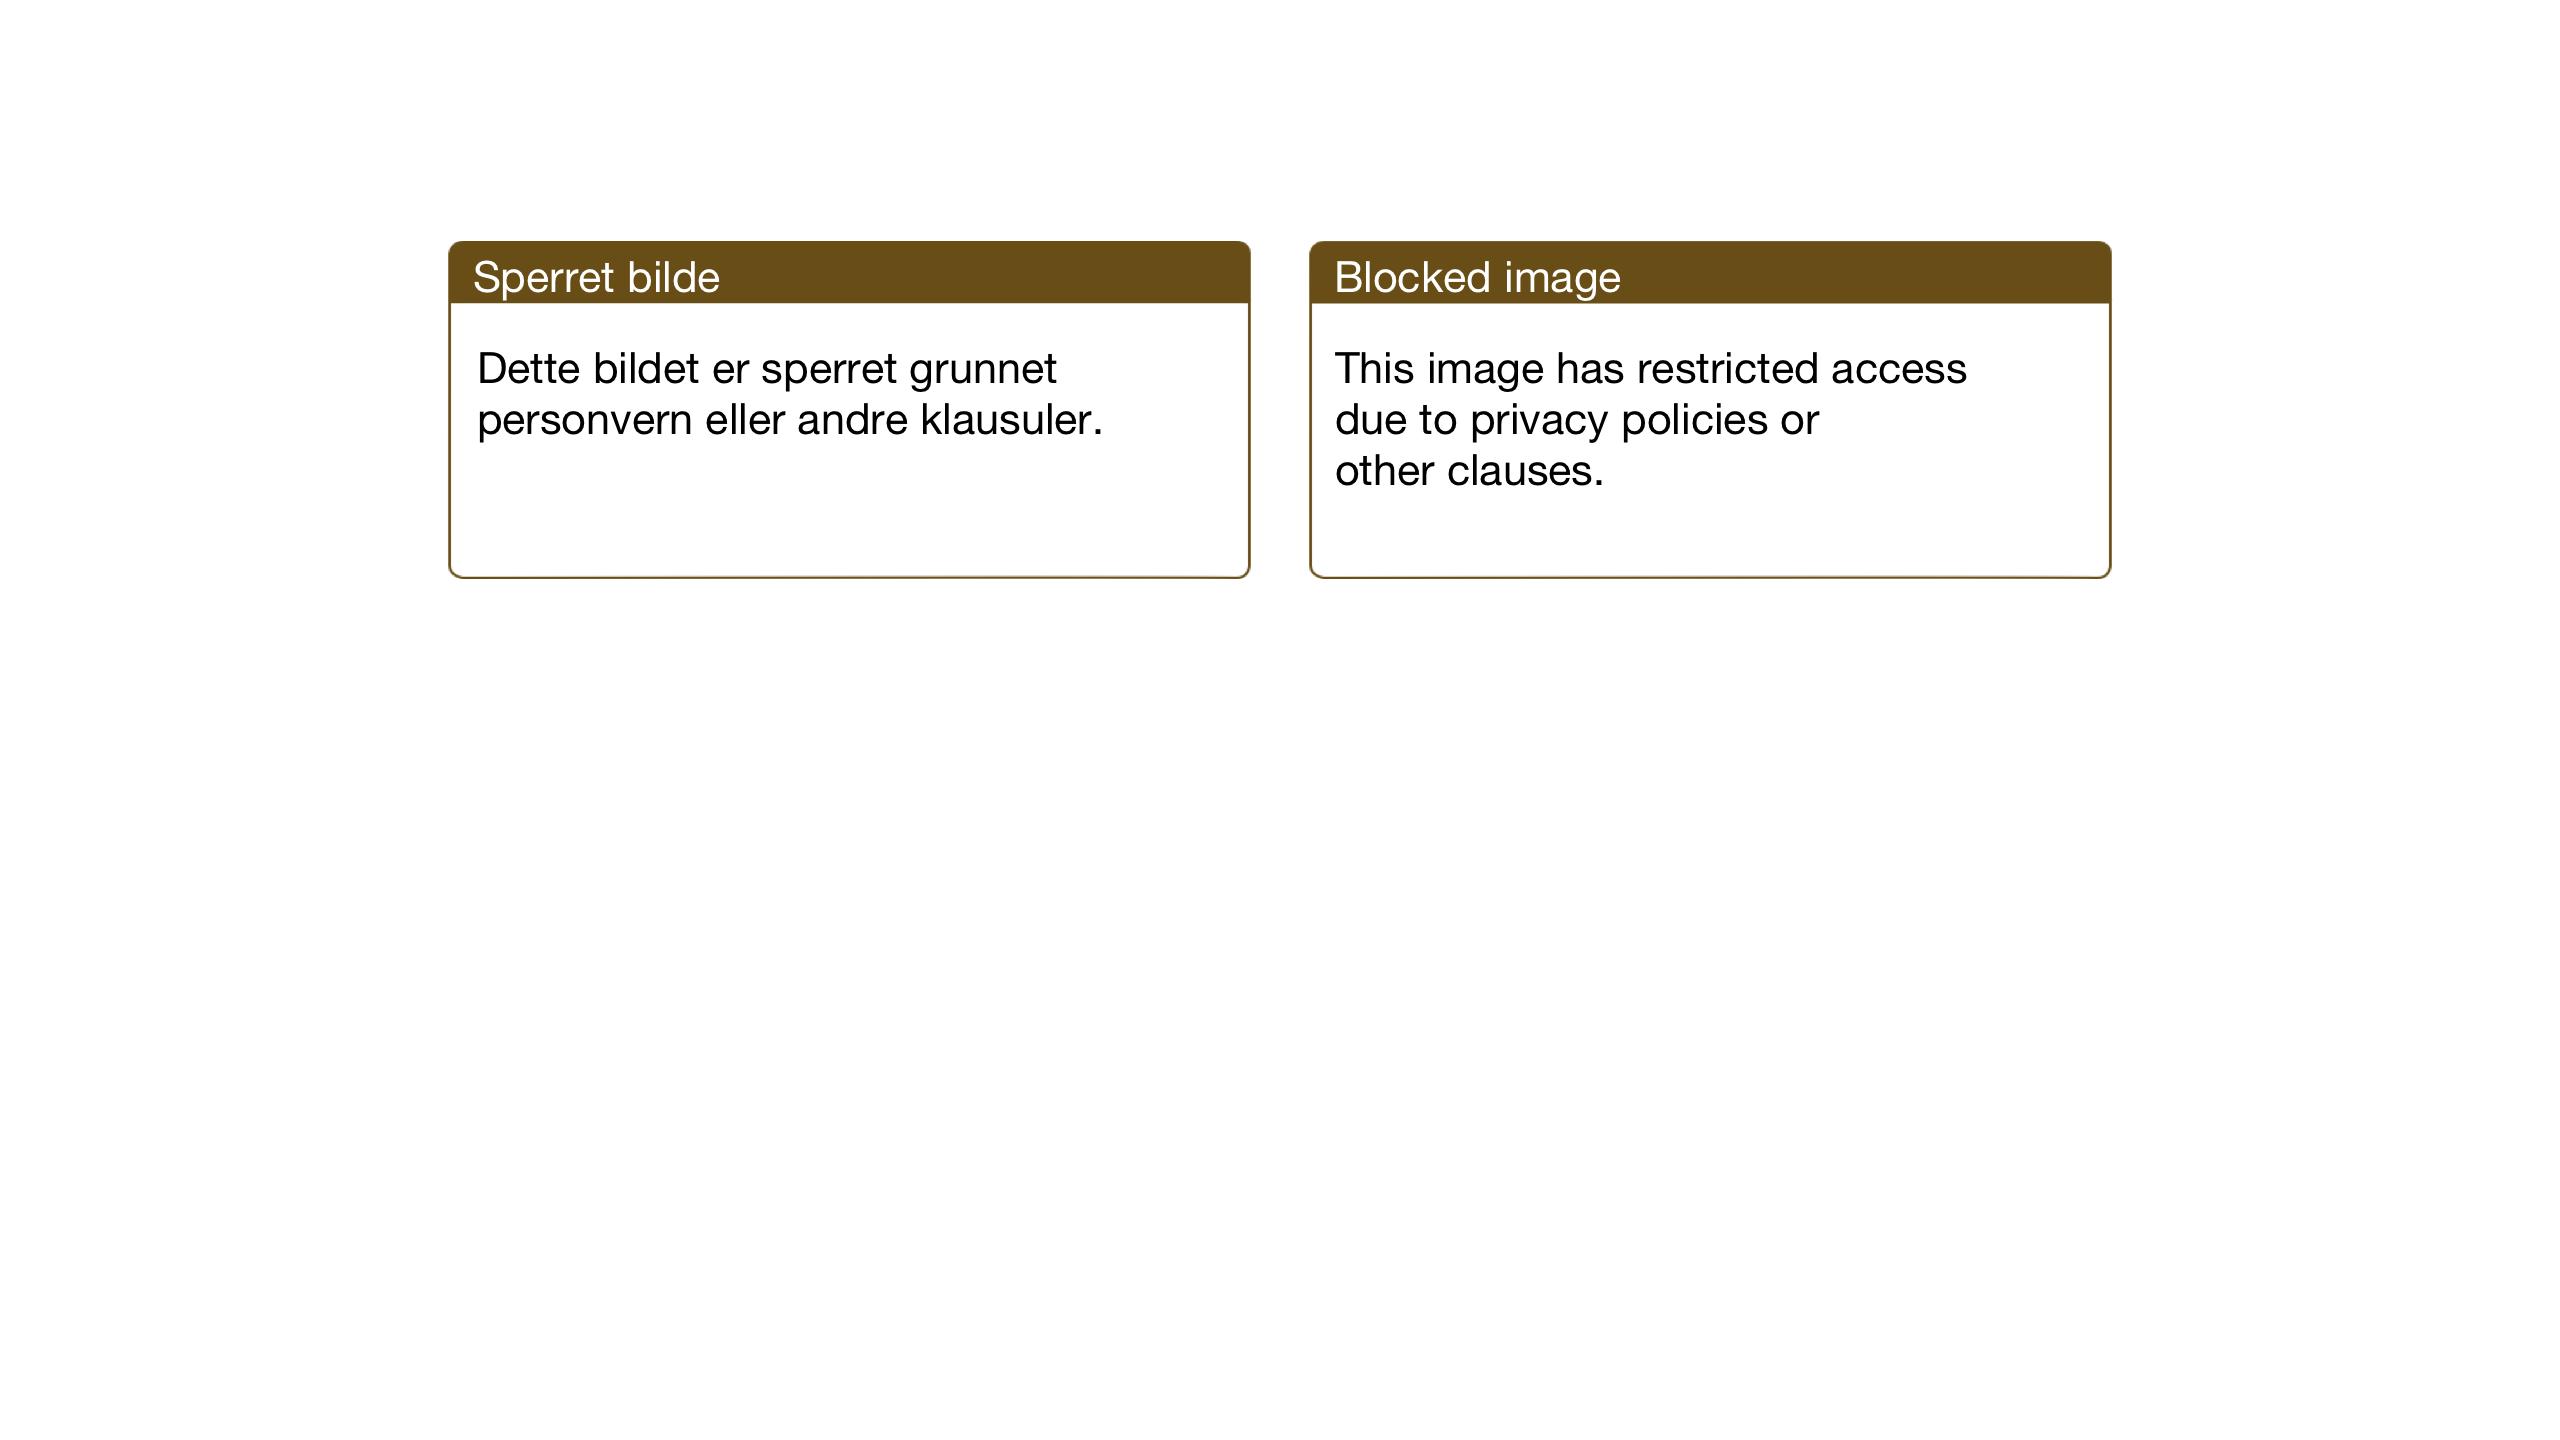 SAT, Ministerialprotokoller, klokkerbøker og fødselsregistre - Sør-Trøndelag, 690/L1053: Klokkerbok nr. 690C03, 1930-1947, s. 73